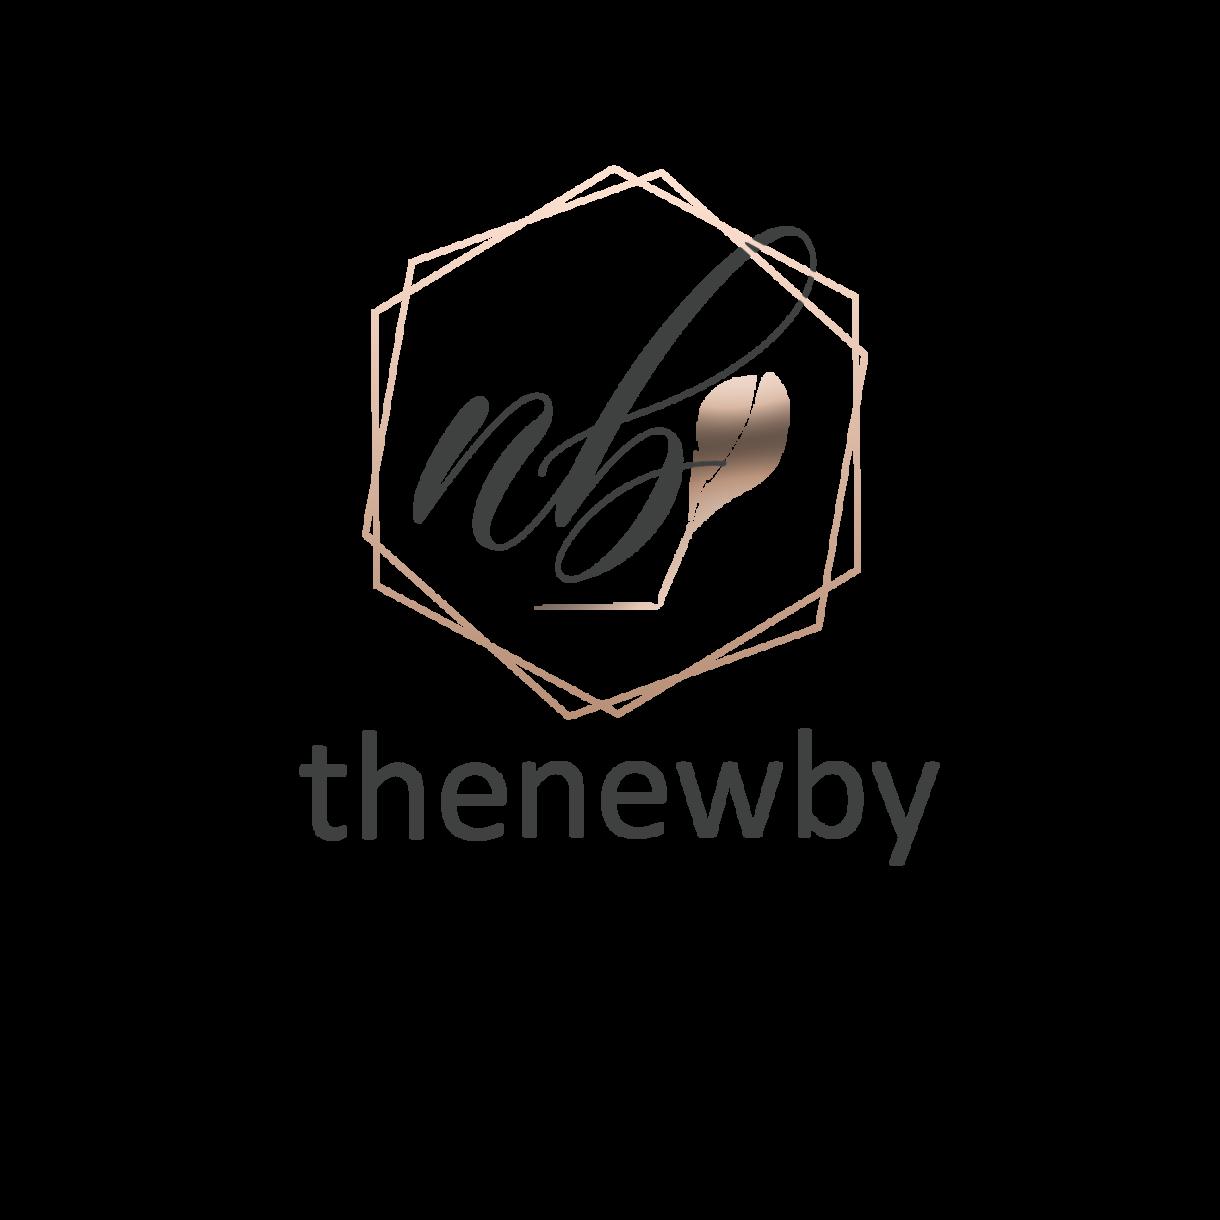 thenewby